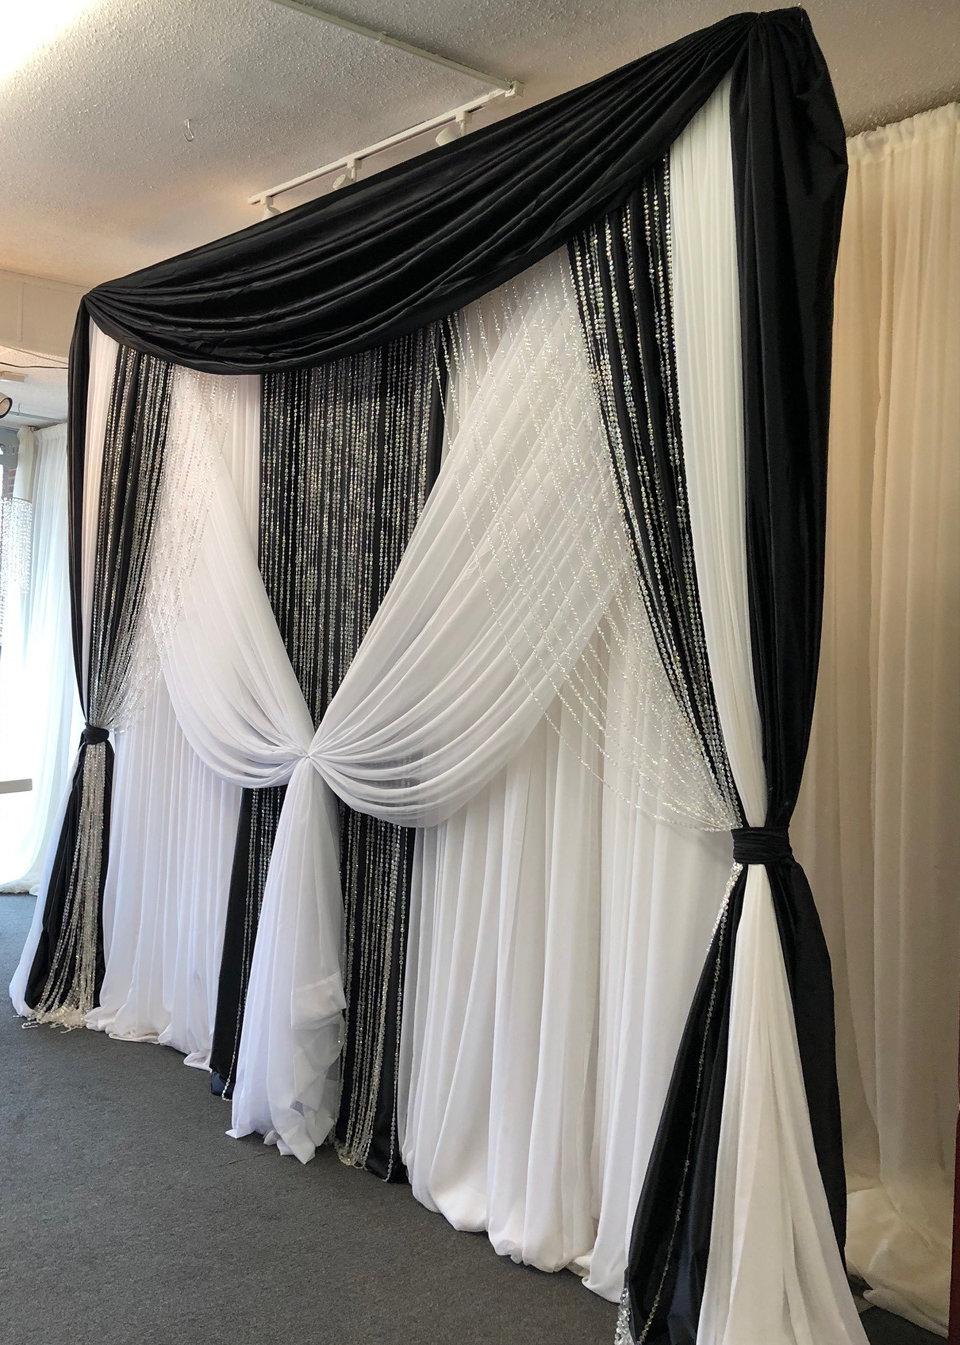 Crystal Beaded Curtain - 12'